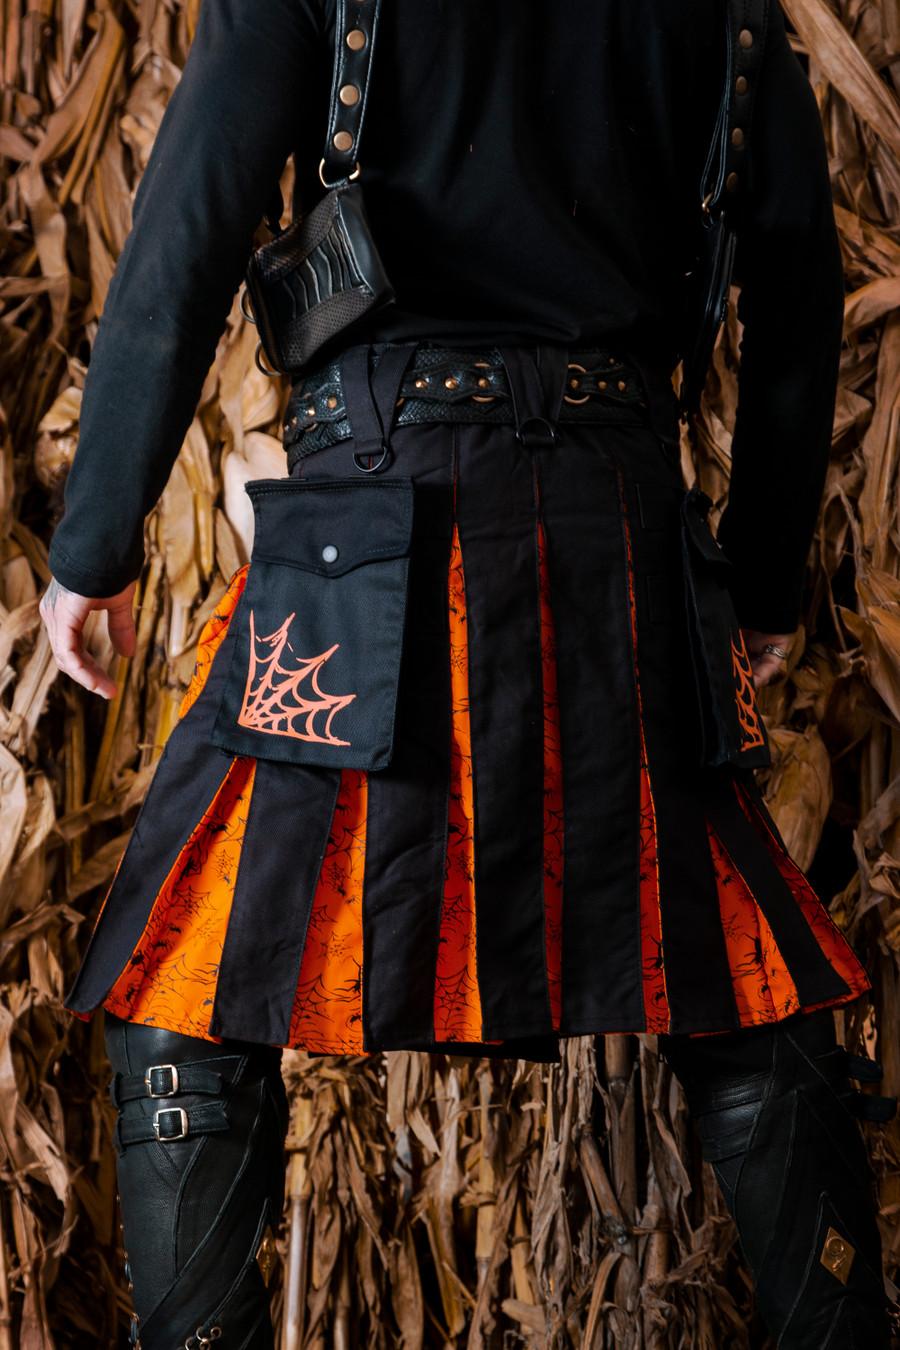 Versatta Spooky Spider Kilt - Limited Edition